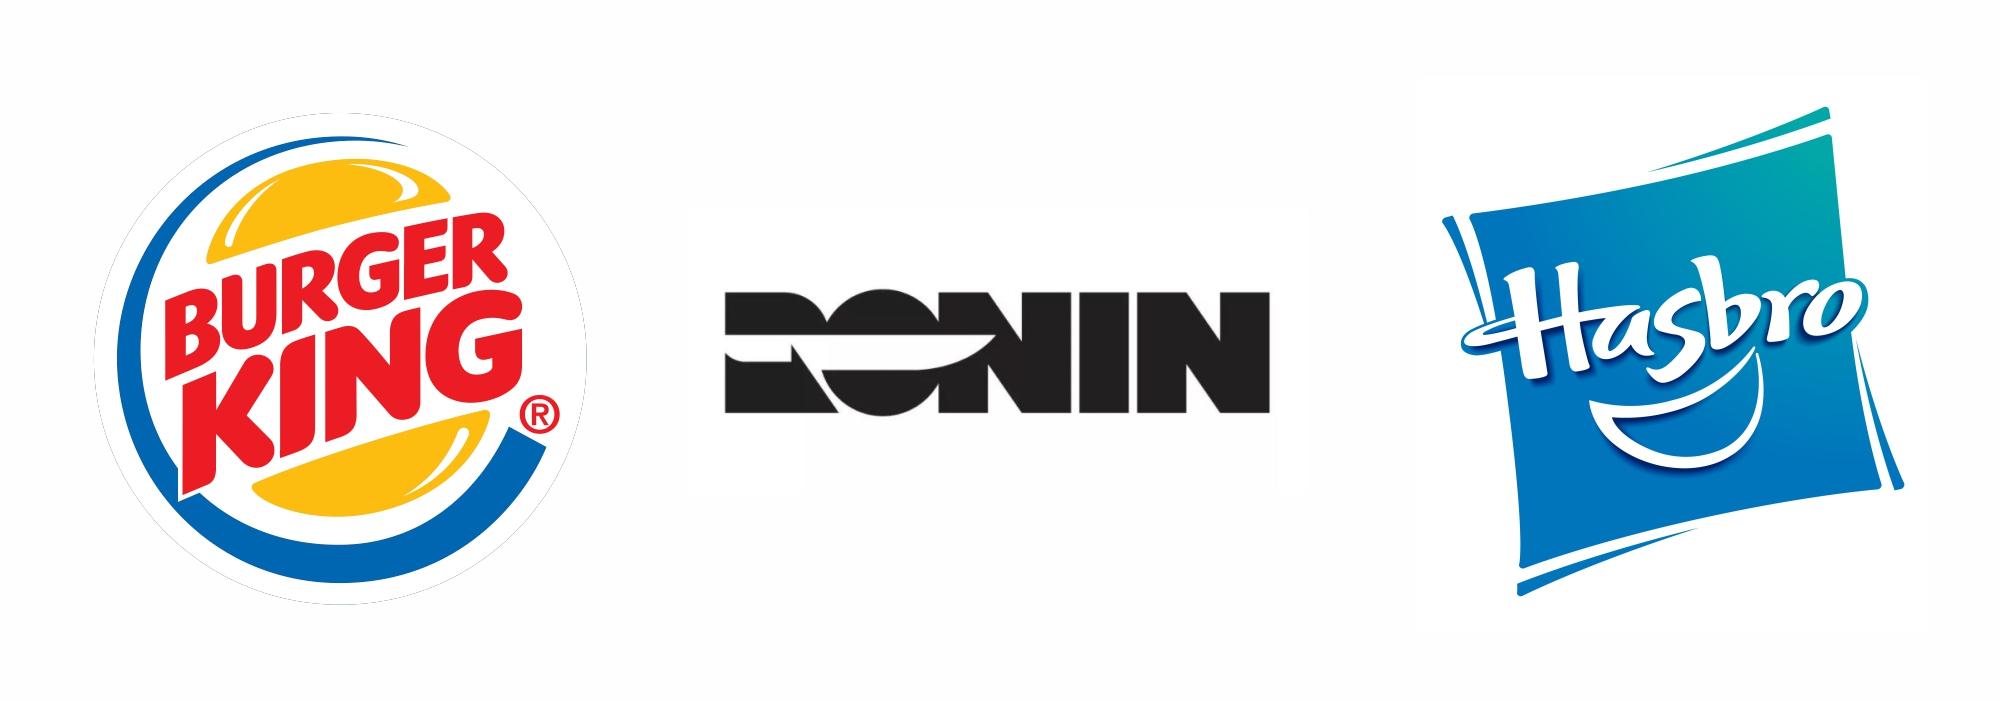 Комбинированный совмещенный логотип